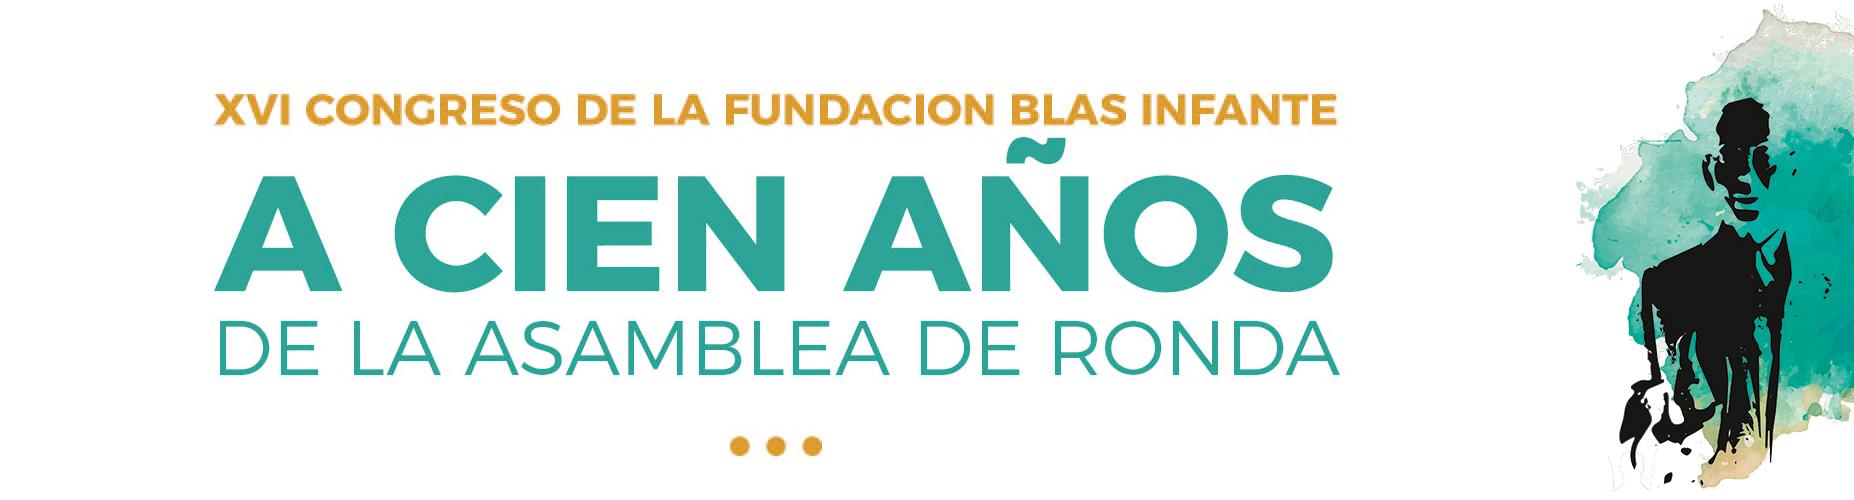 XVI Congreso de la Fundación Blas Infante